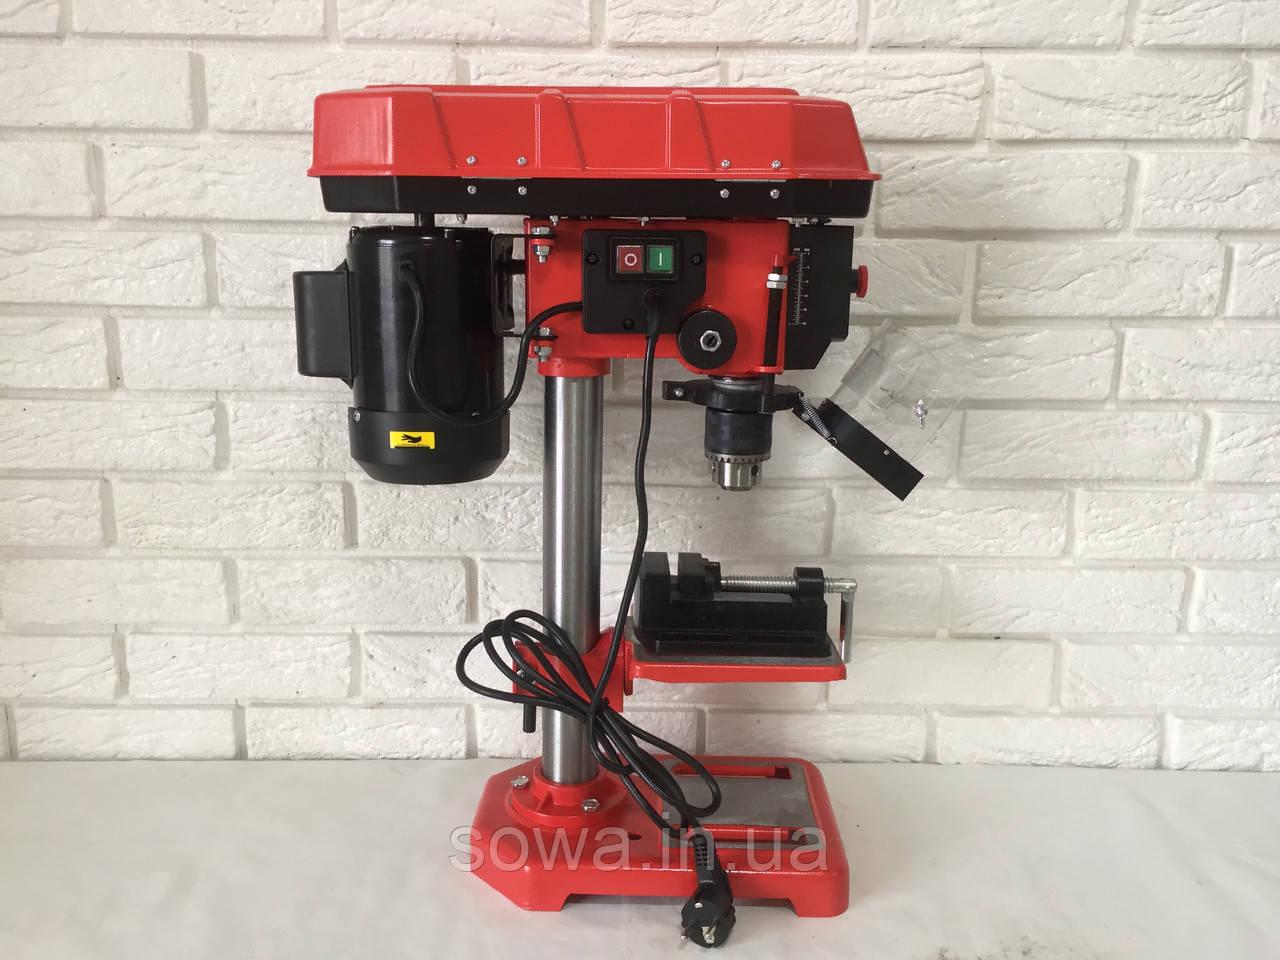 ✔️ Сверлильный станок MAX MXDP-16-1   с тисками, 1600Вт, Патрон-16мм